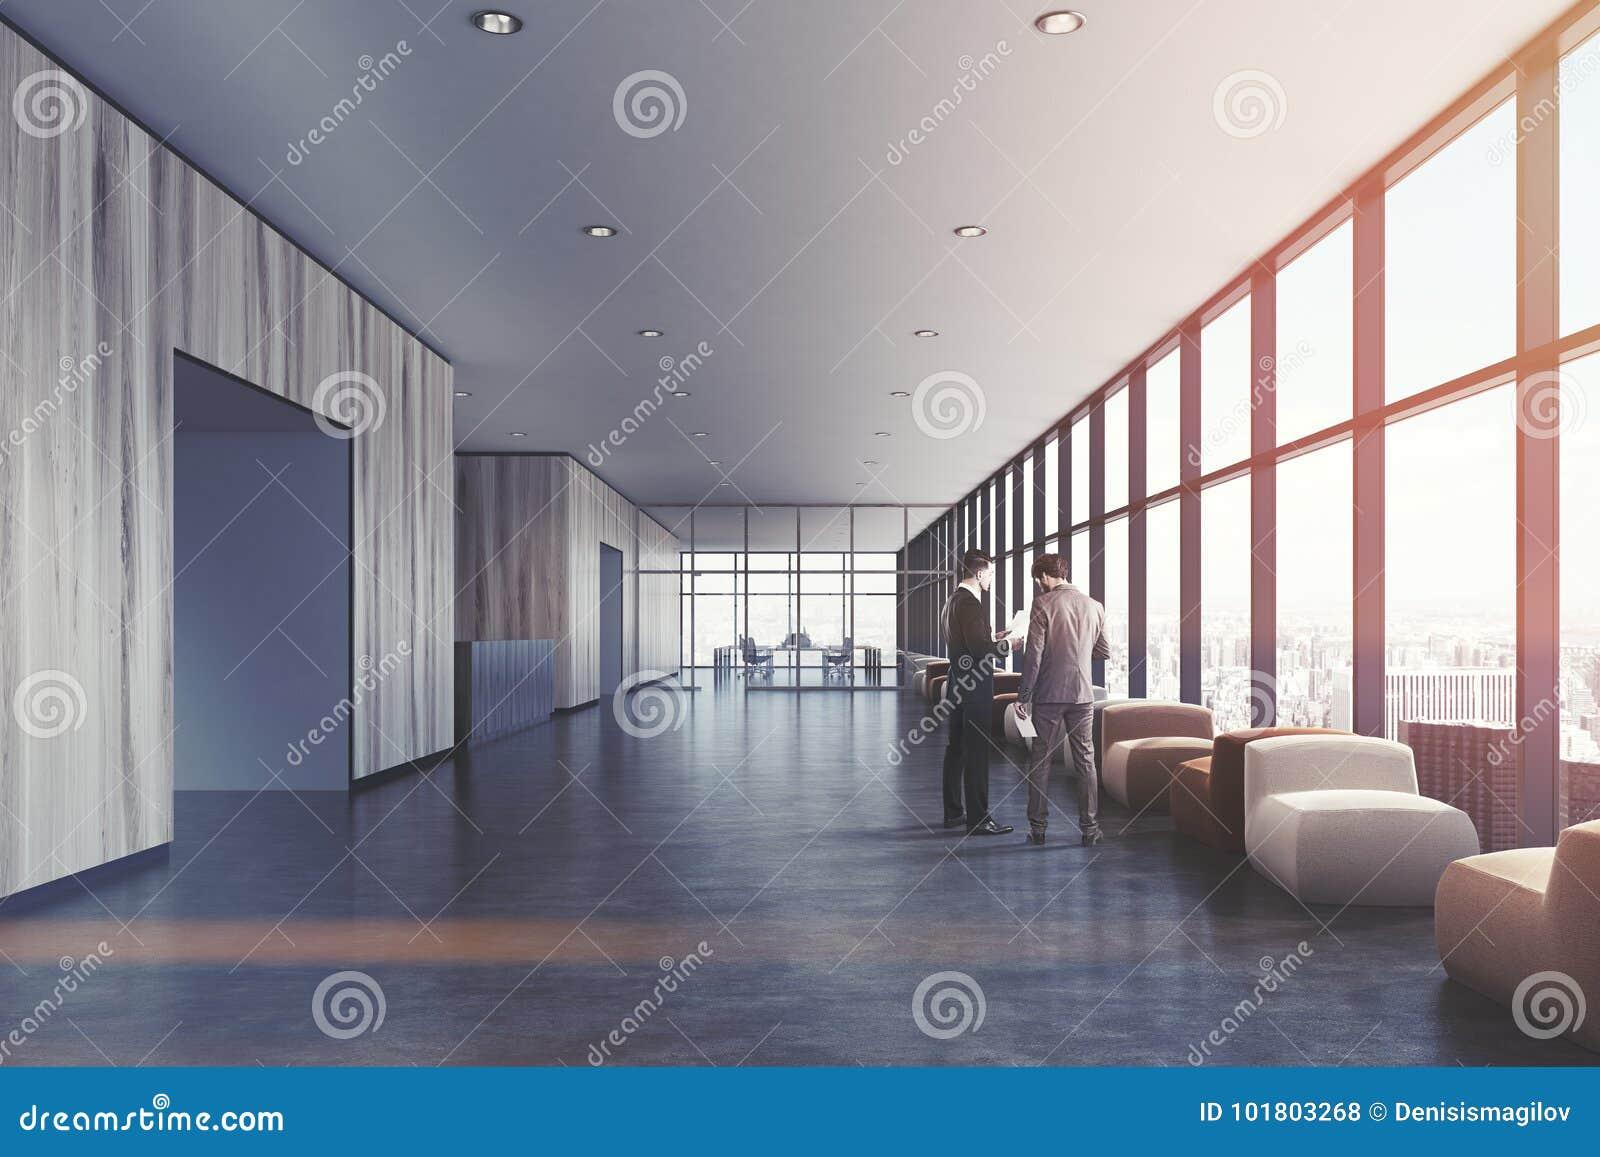 Salle d attente en bois légère bureau de grenier les gens